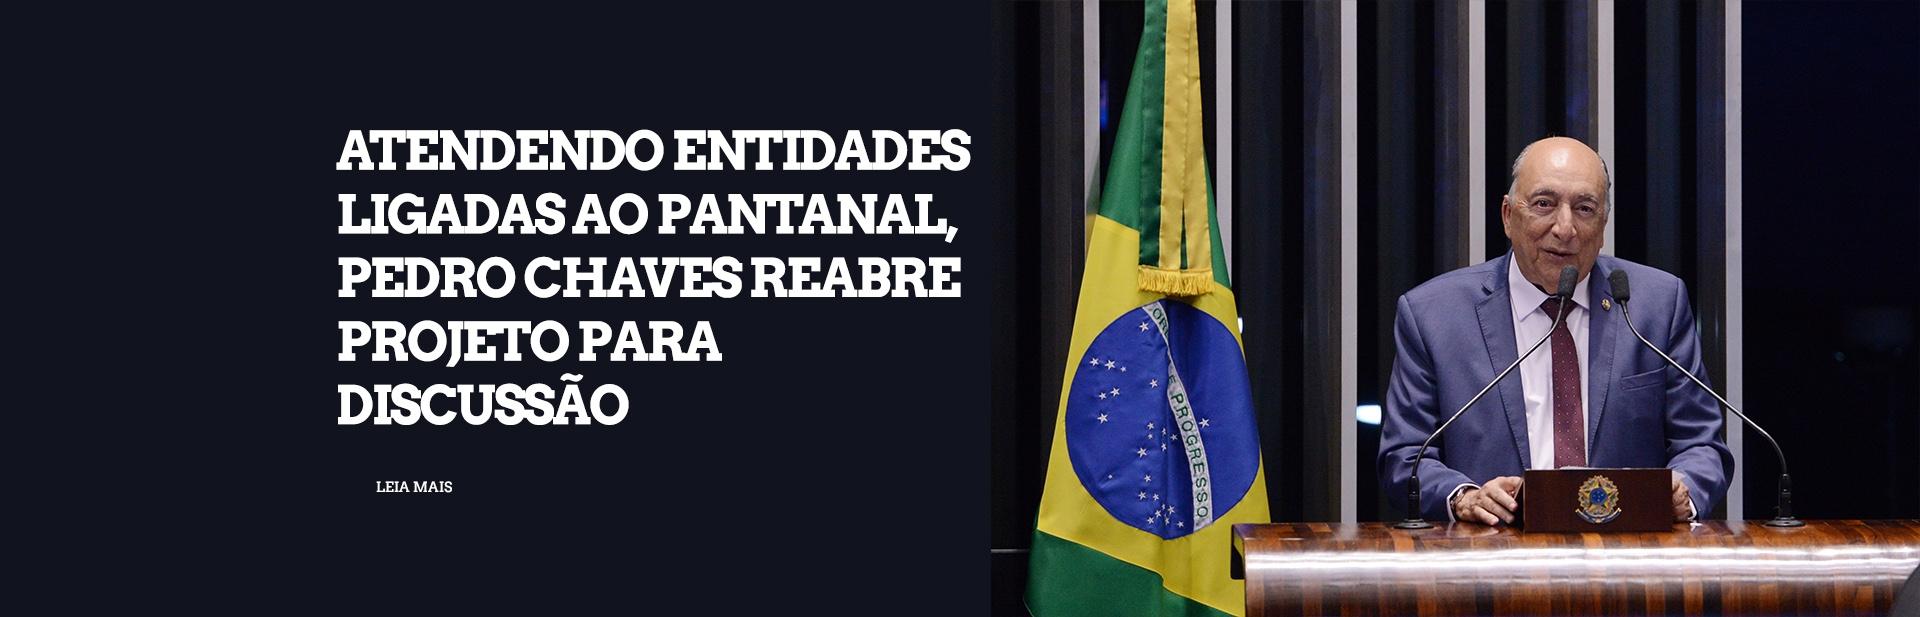 Atendendo entidades ligadas ao Pantanal, Pedro Chaves reabre projeto para discussão